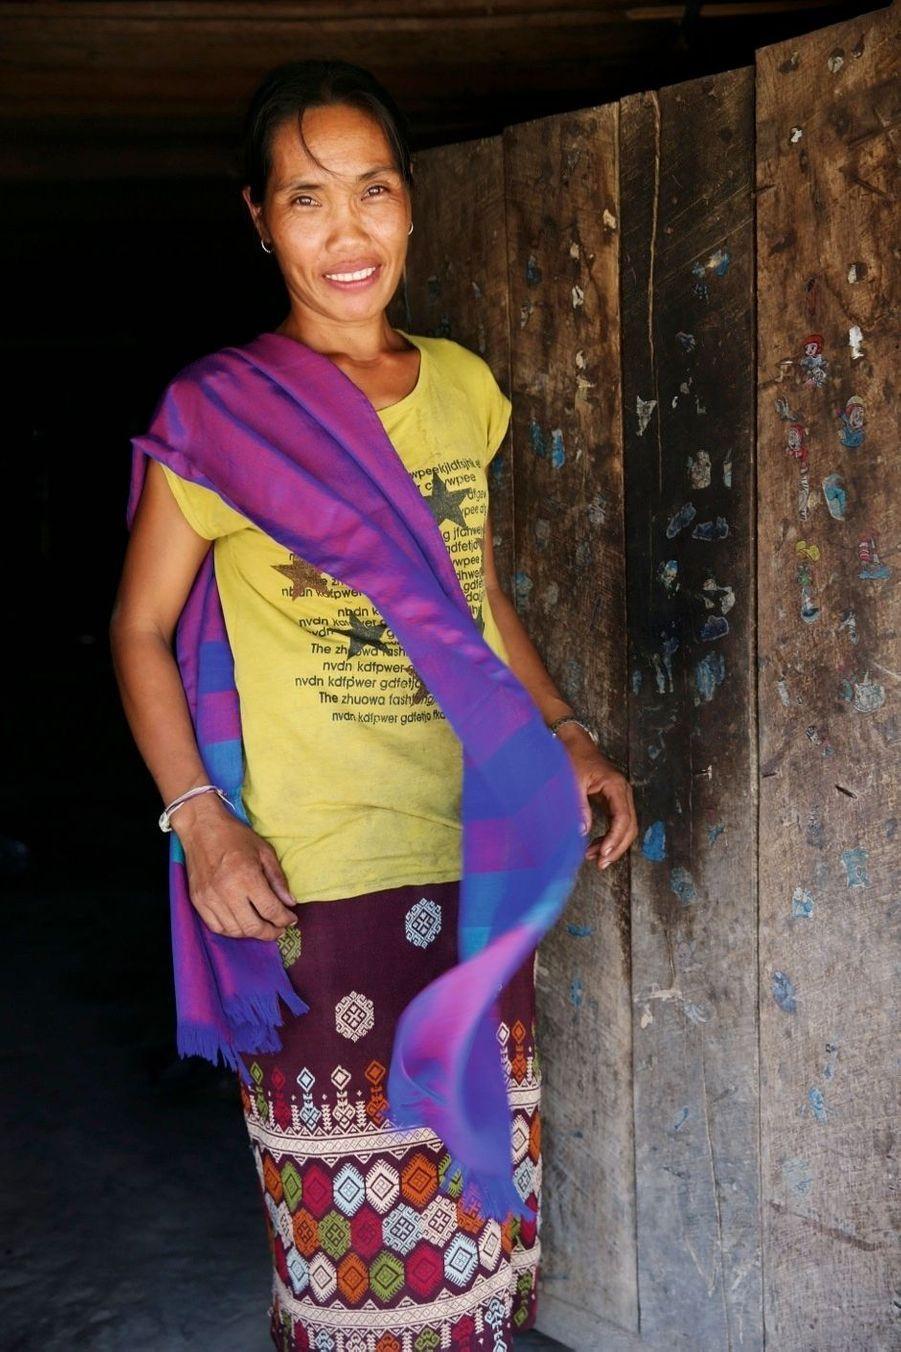 En Asie du Sud-Est, les femmes rivalisent de couleurs dans leurs tenues. Ici, une Laotienne